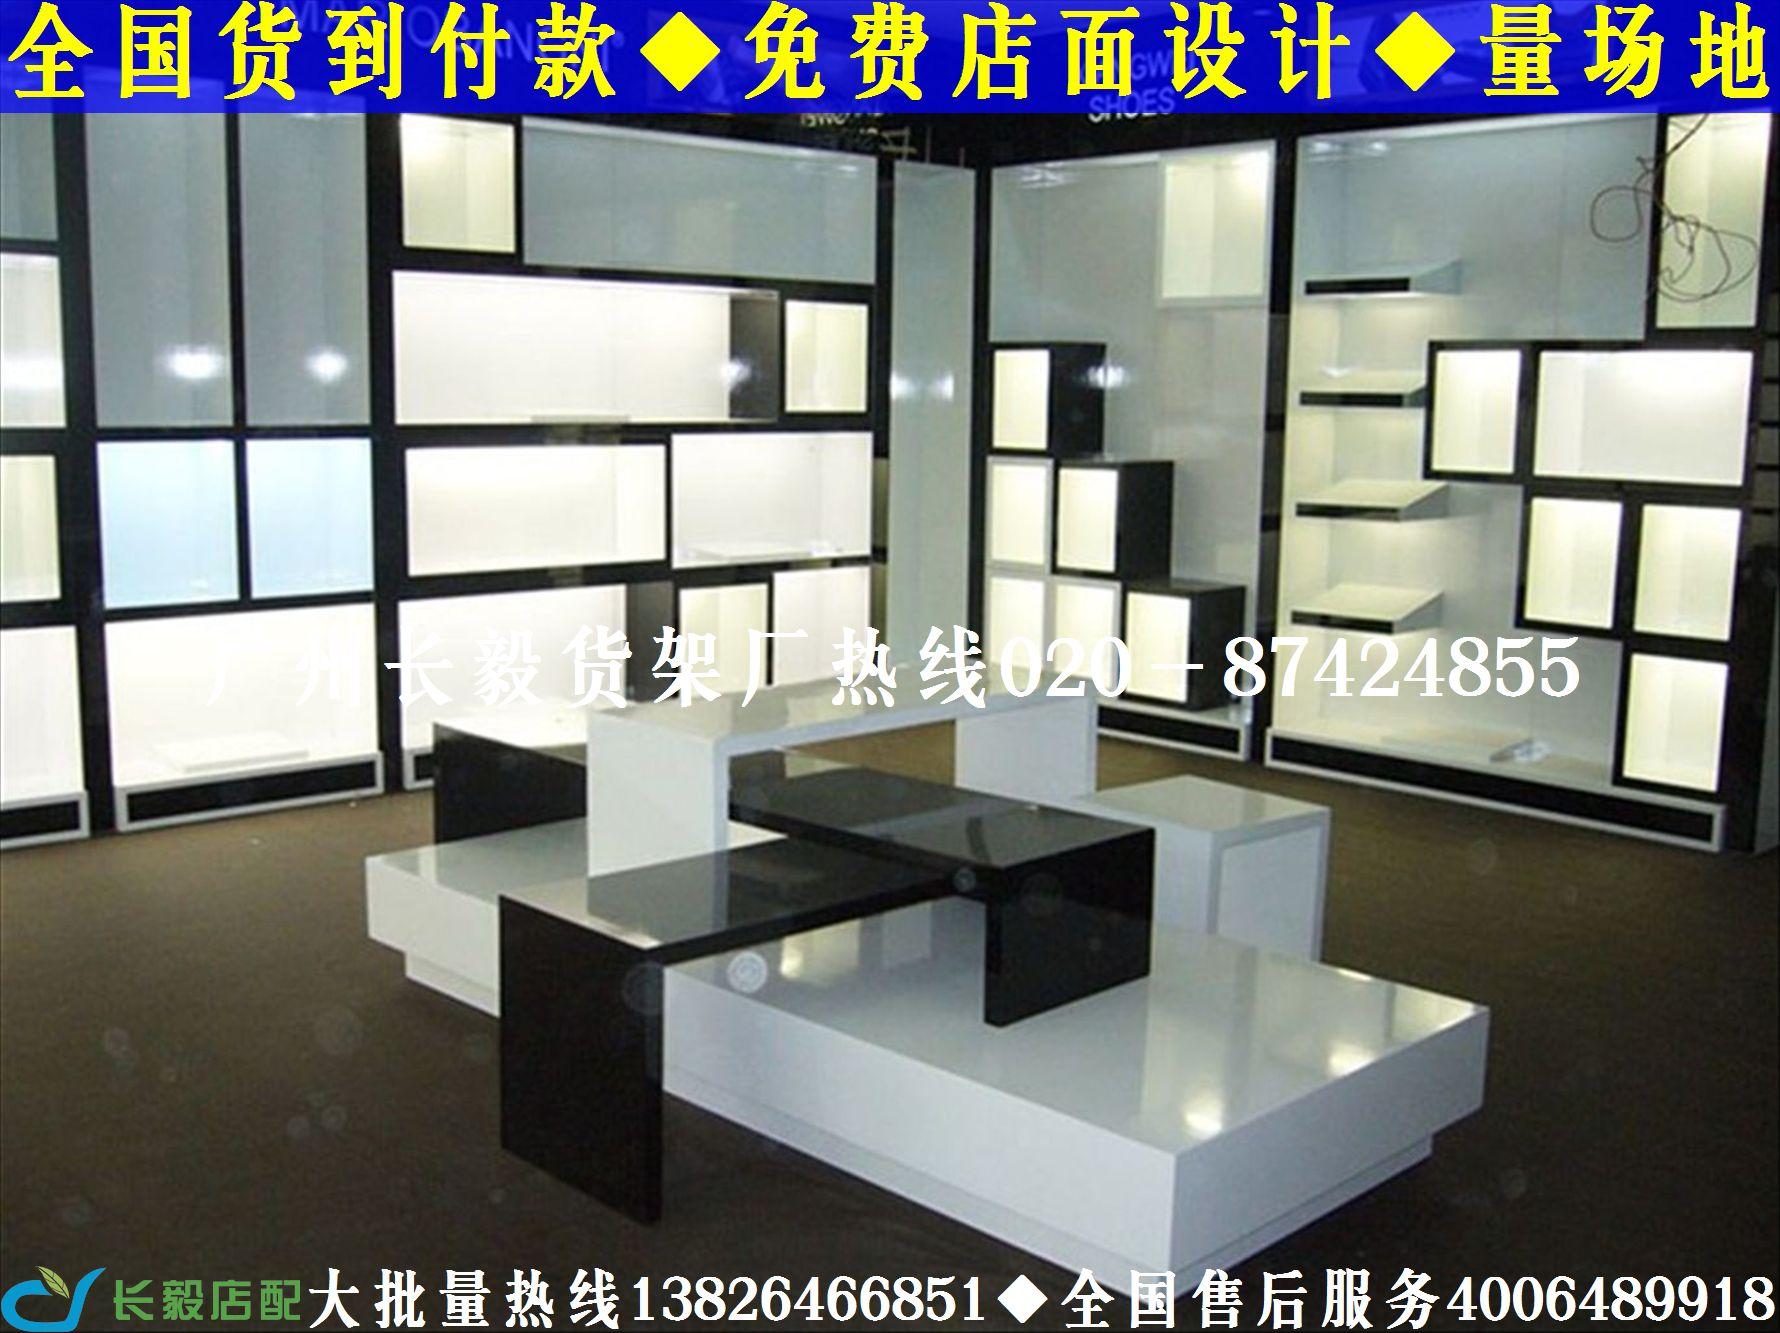 化妆品展示柜效果图 欧式展示柜效果图 客厅展示柜效果图